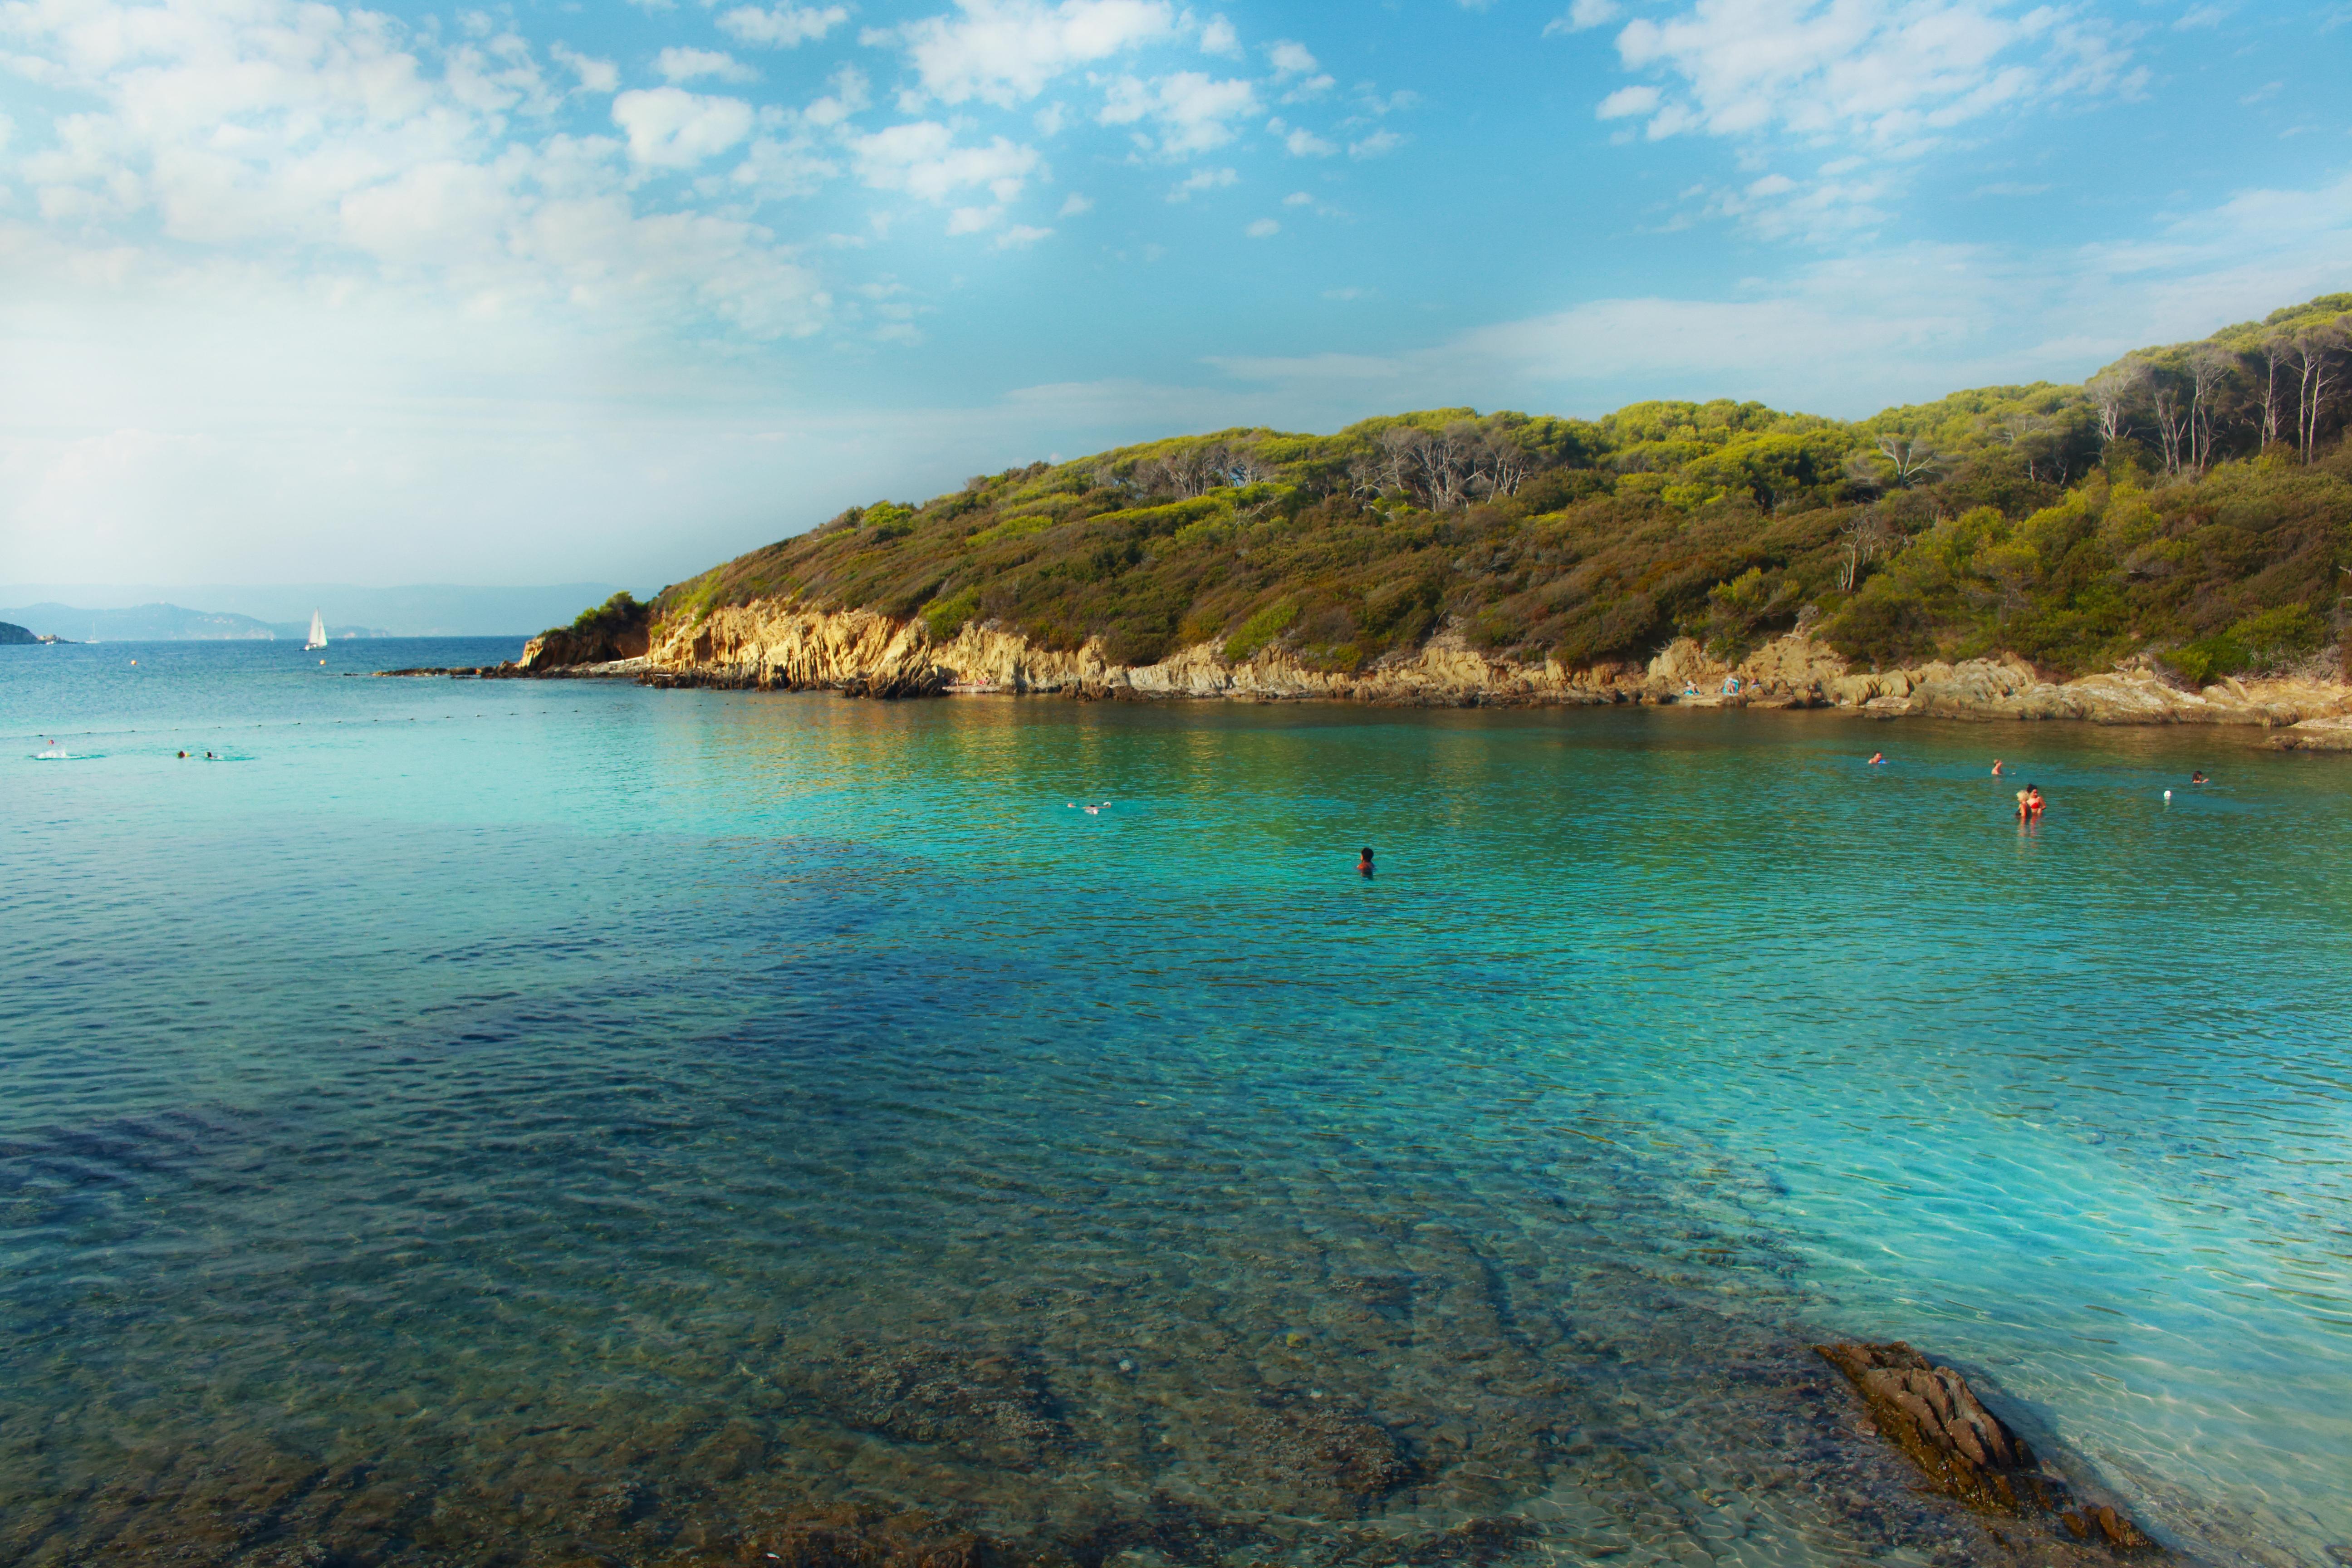 Plage du Sud, Port Cros, Hyeres (FRANCE) missaventure blog